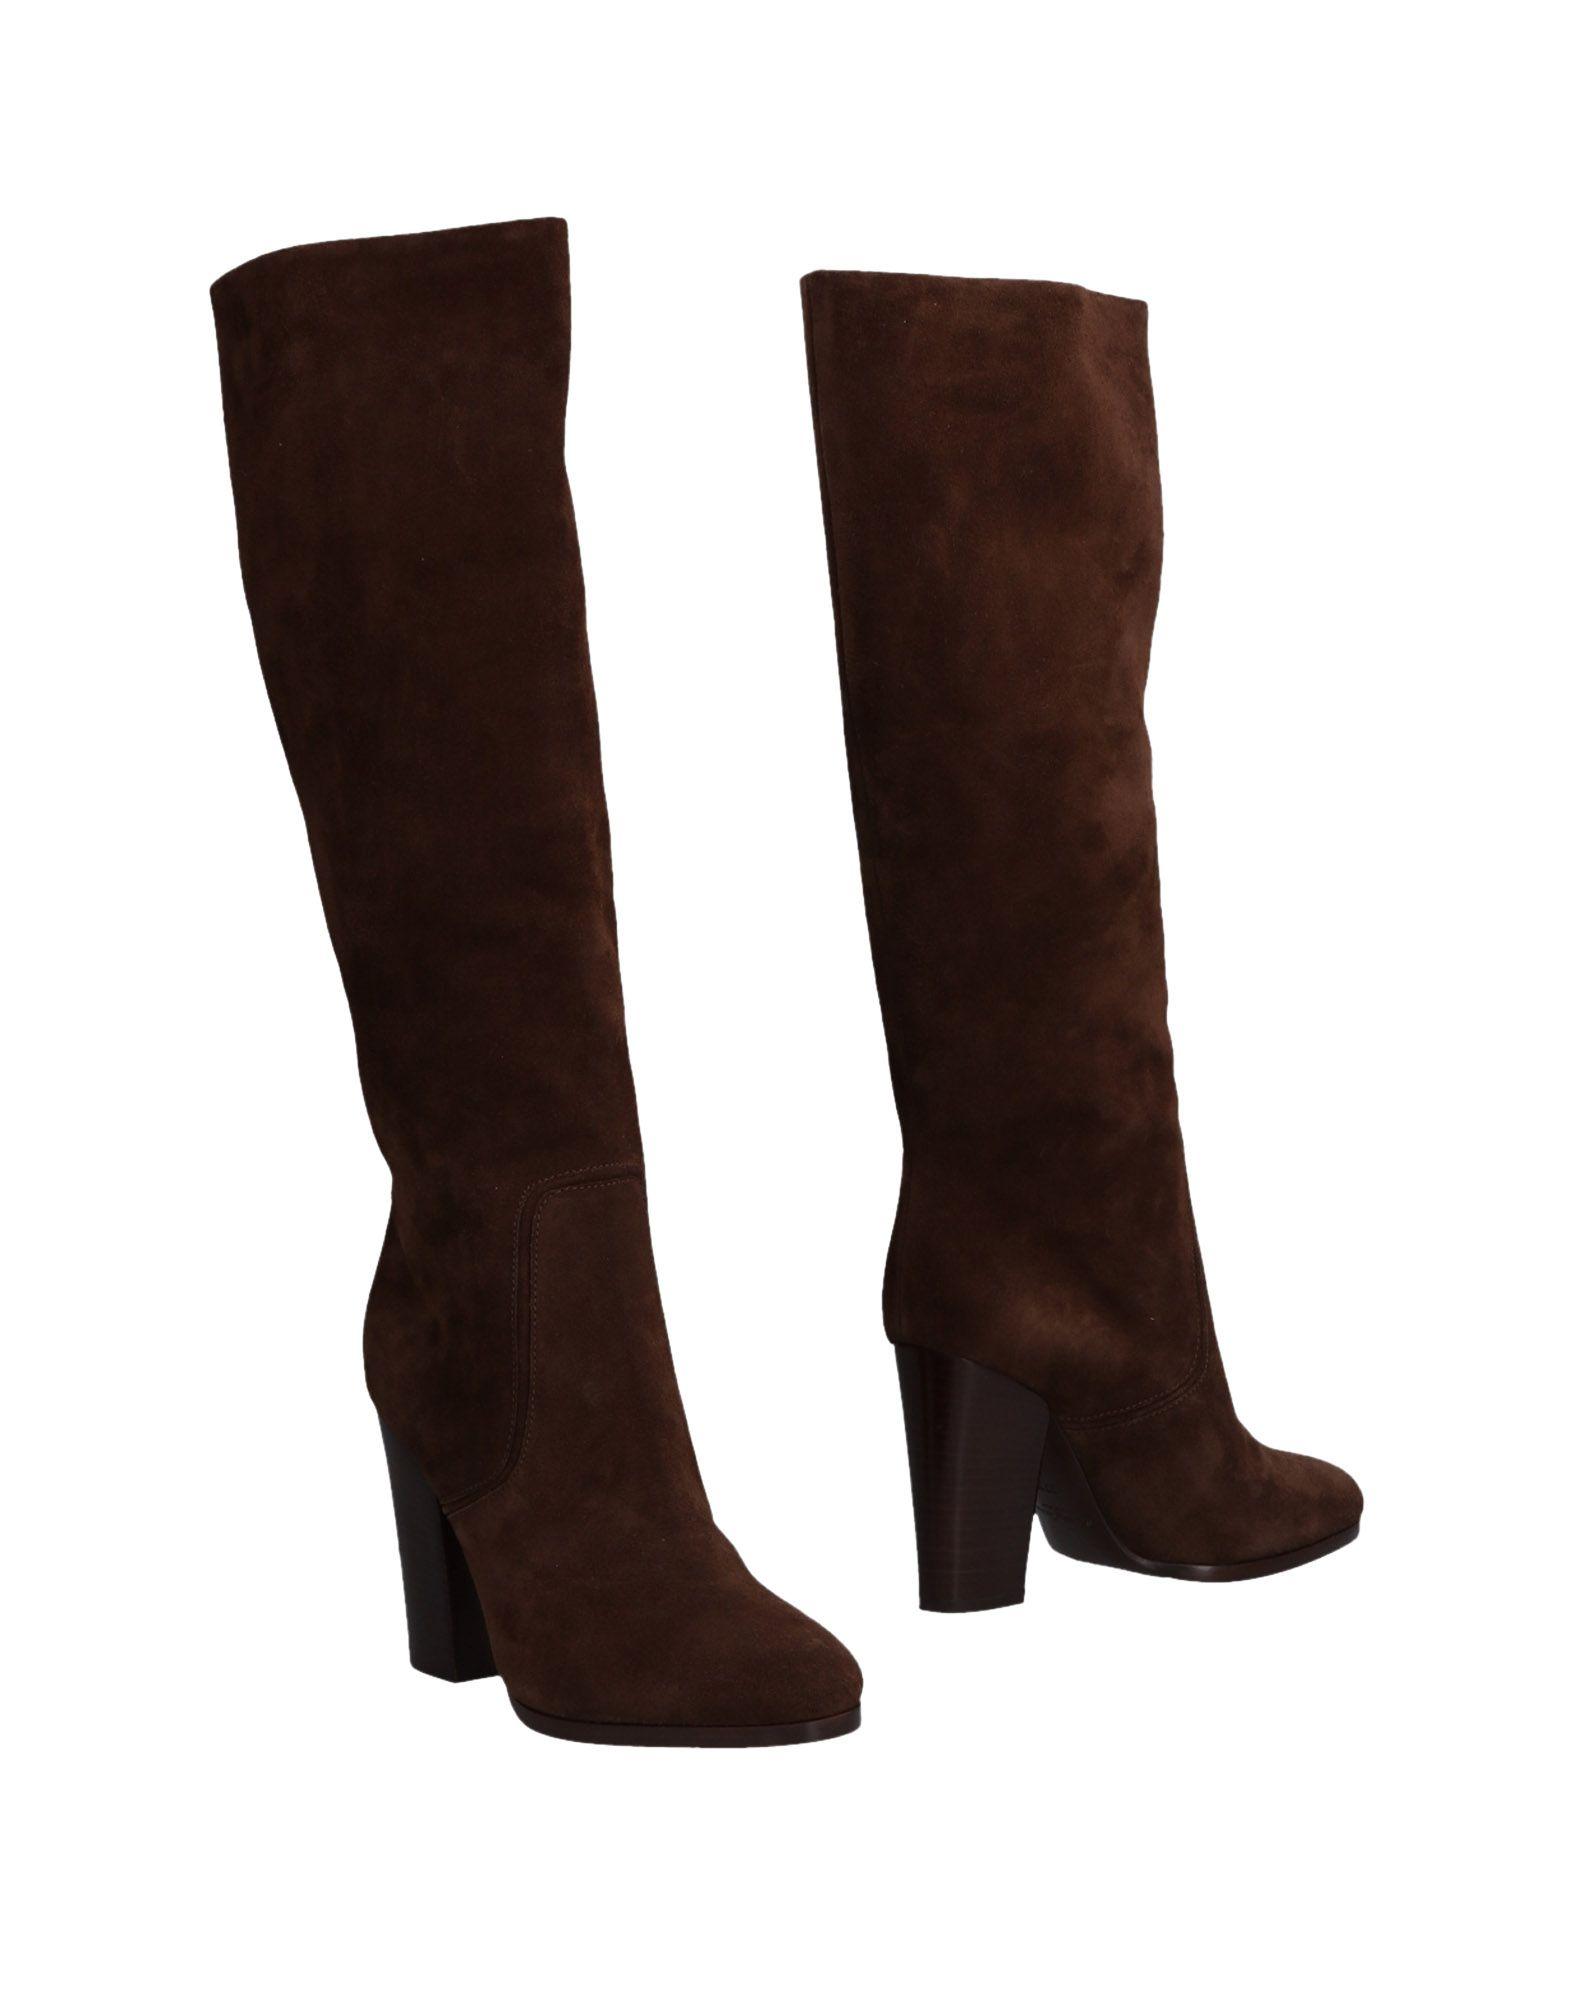 RALPH LAUREN | RALPH LAUREN Boots 11475083 | Goxip